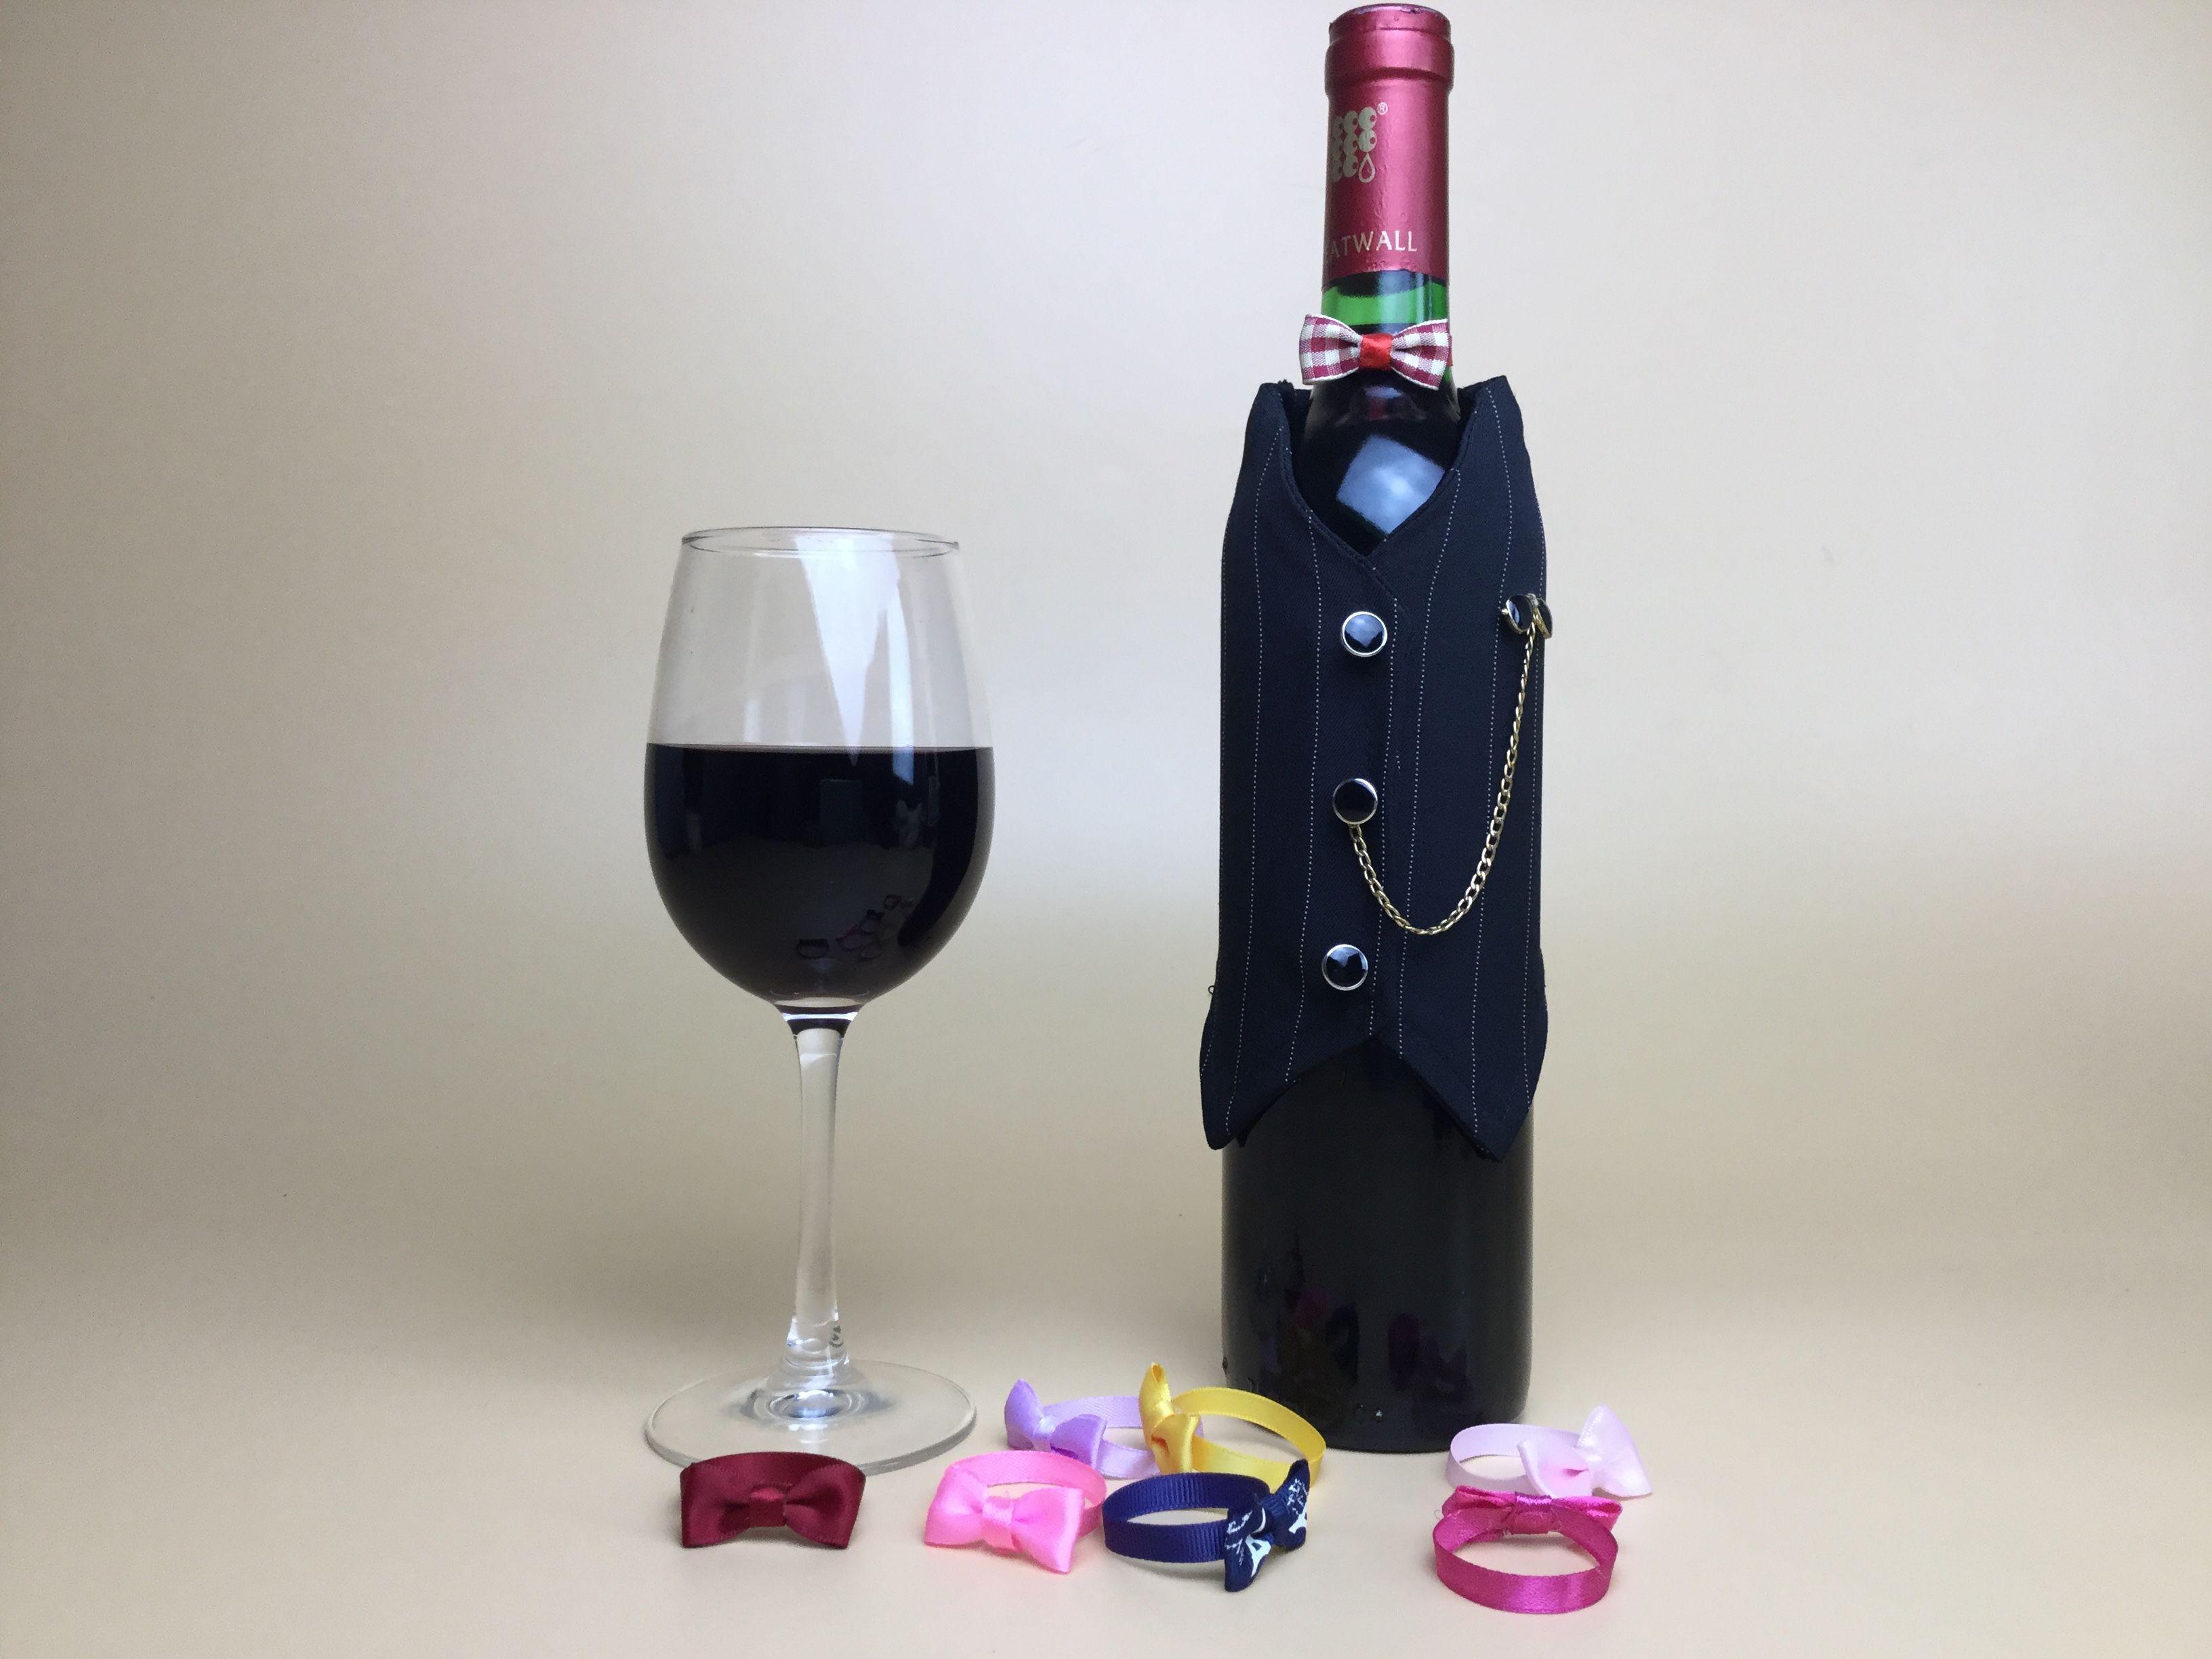 テーブルの雰囲気をぐっと高める、ワインボトルドレス。